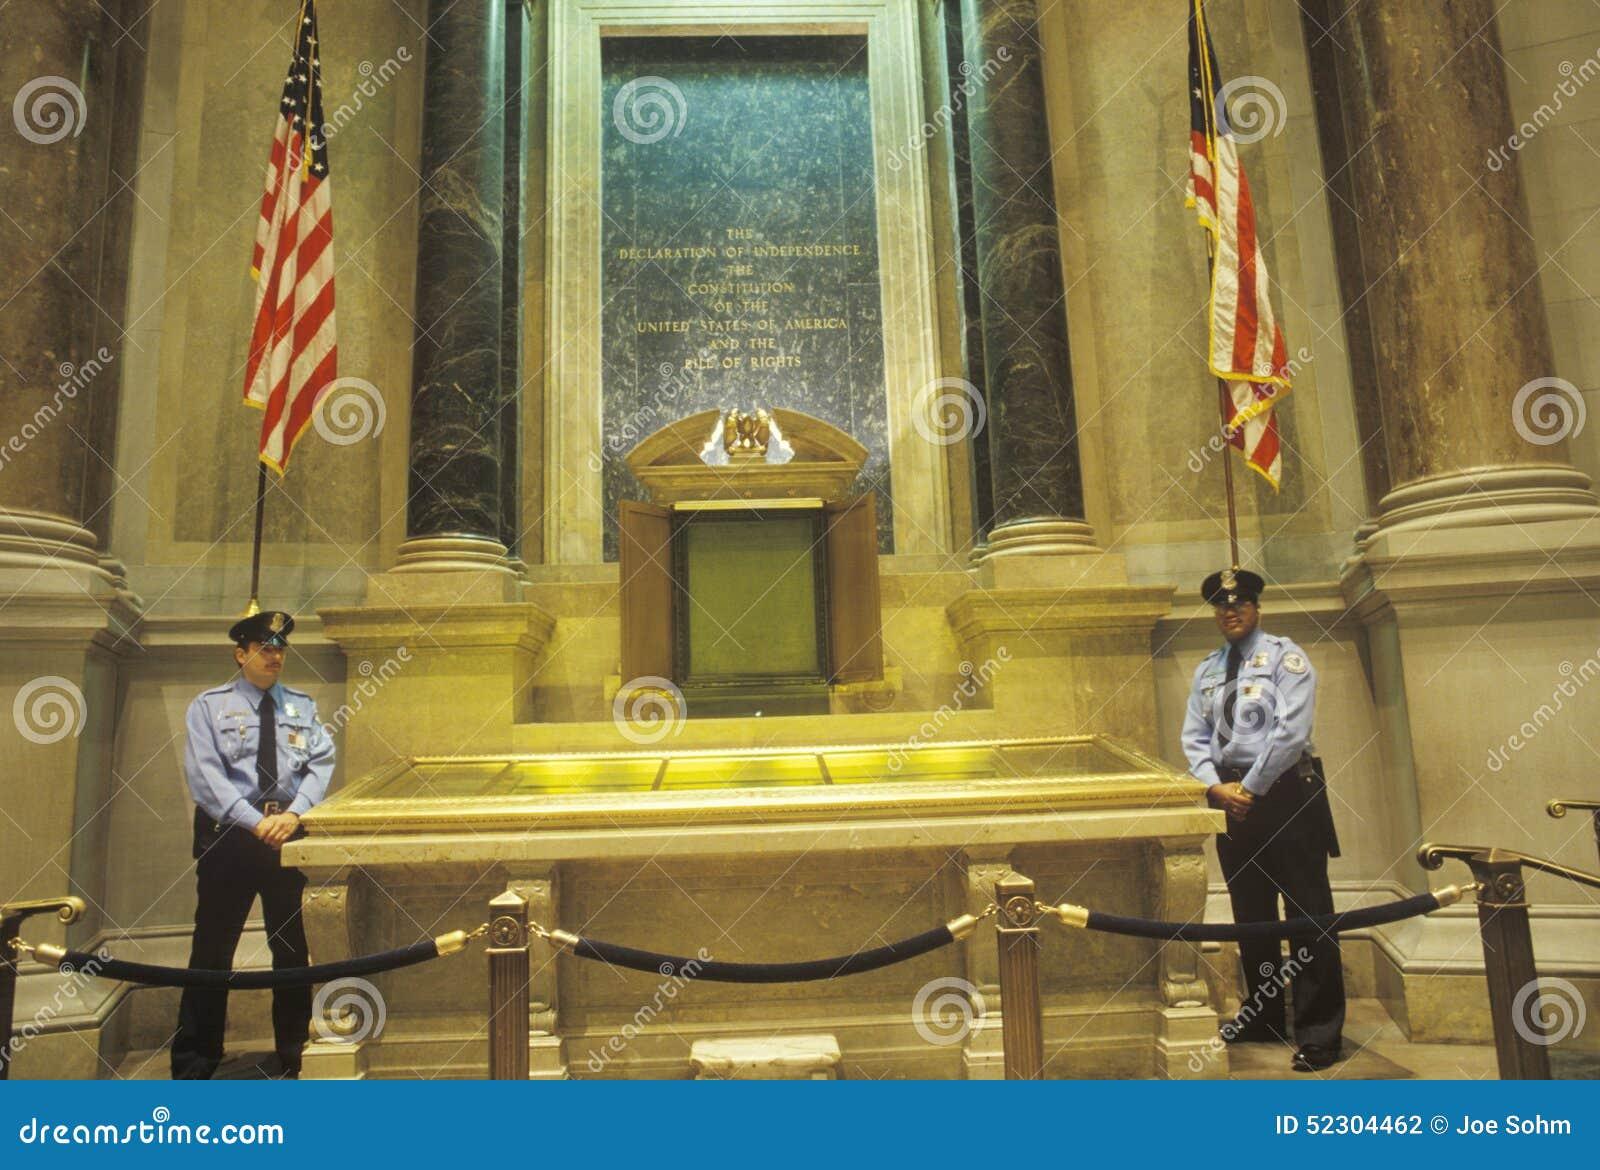 La constitución y la Declaración de Derechos guardadas por Policemen, archivos nacionales, Washington, C C